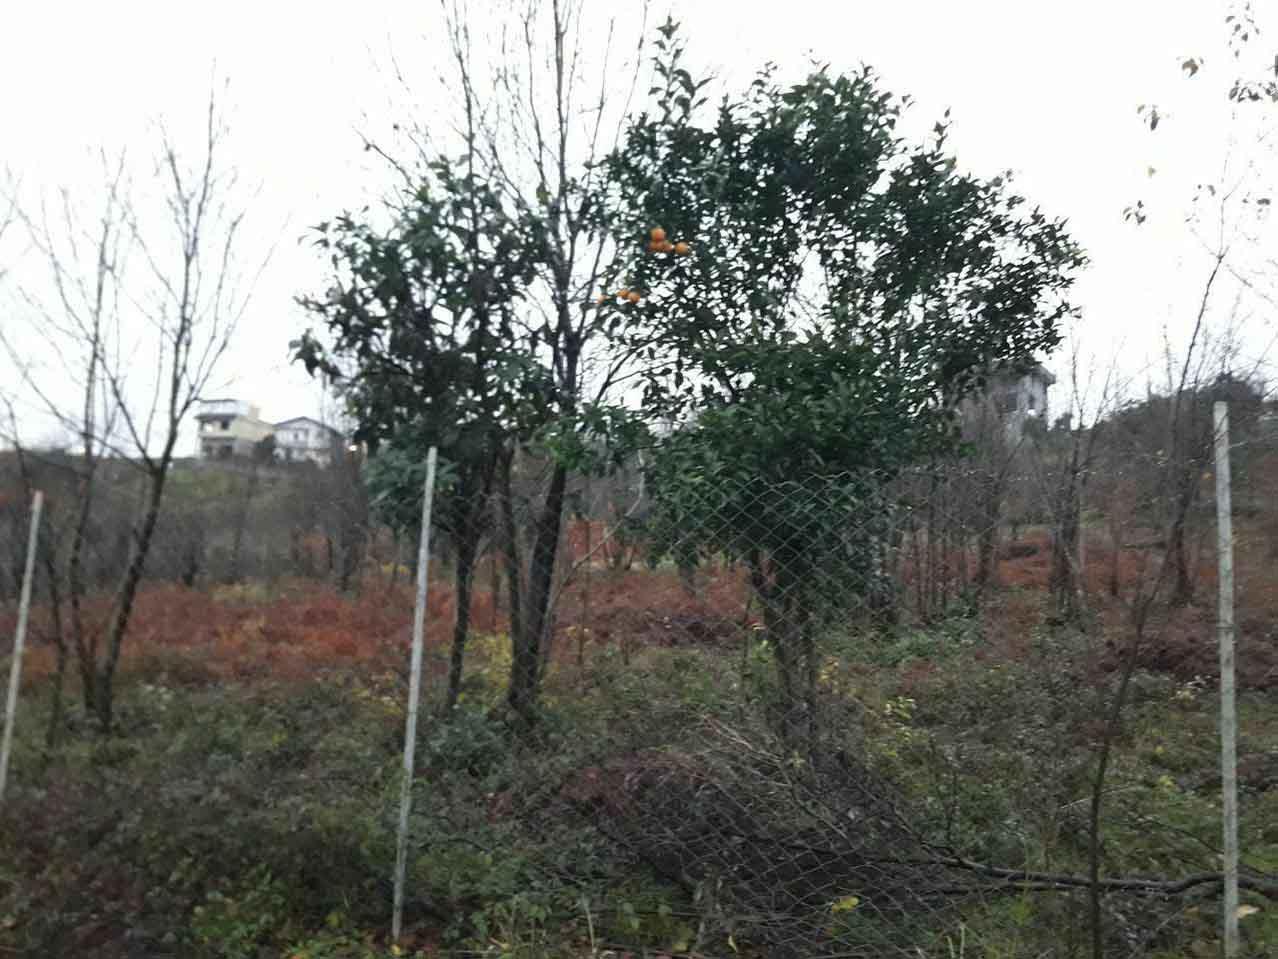 فروش زمین ۲۴۴۰ متری طرح هادی ارتفاعات روستای اکبرسرا اطاقور